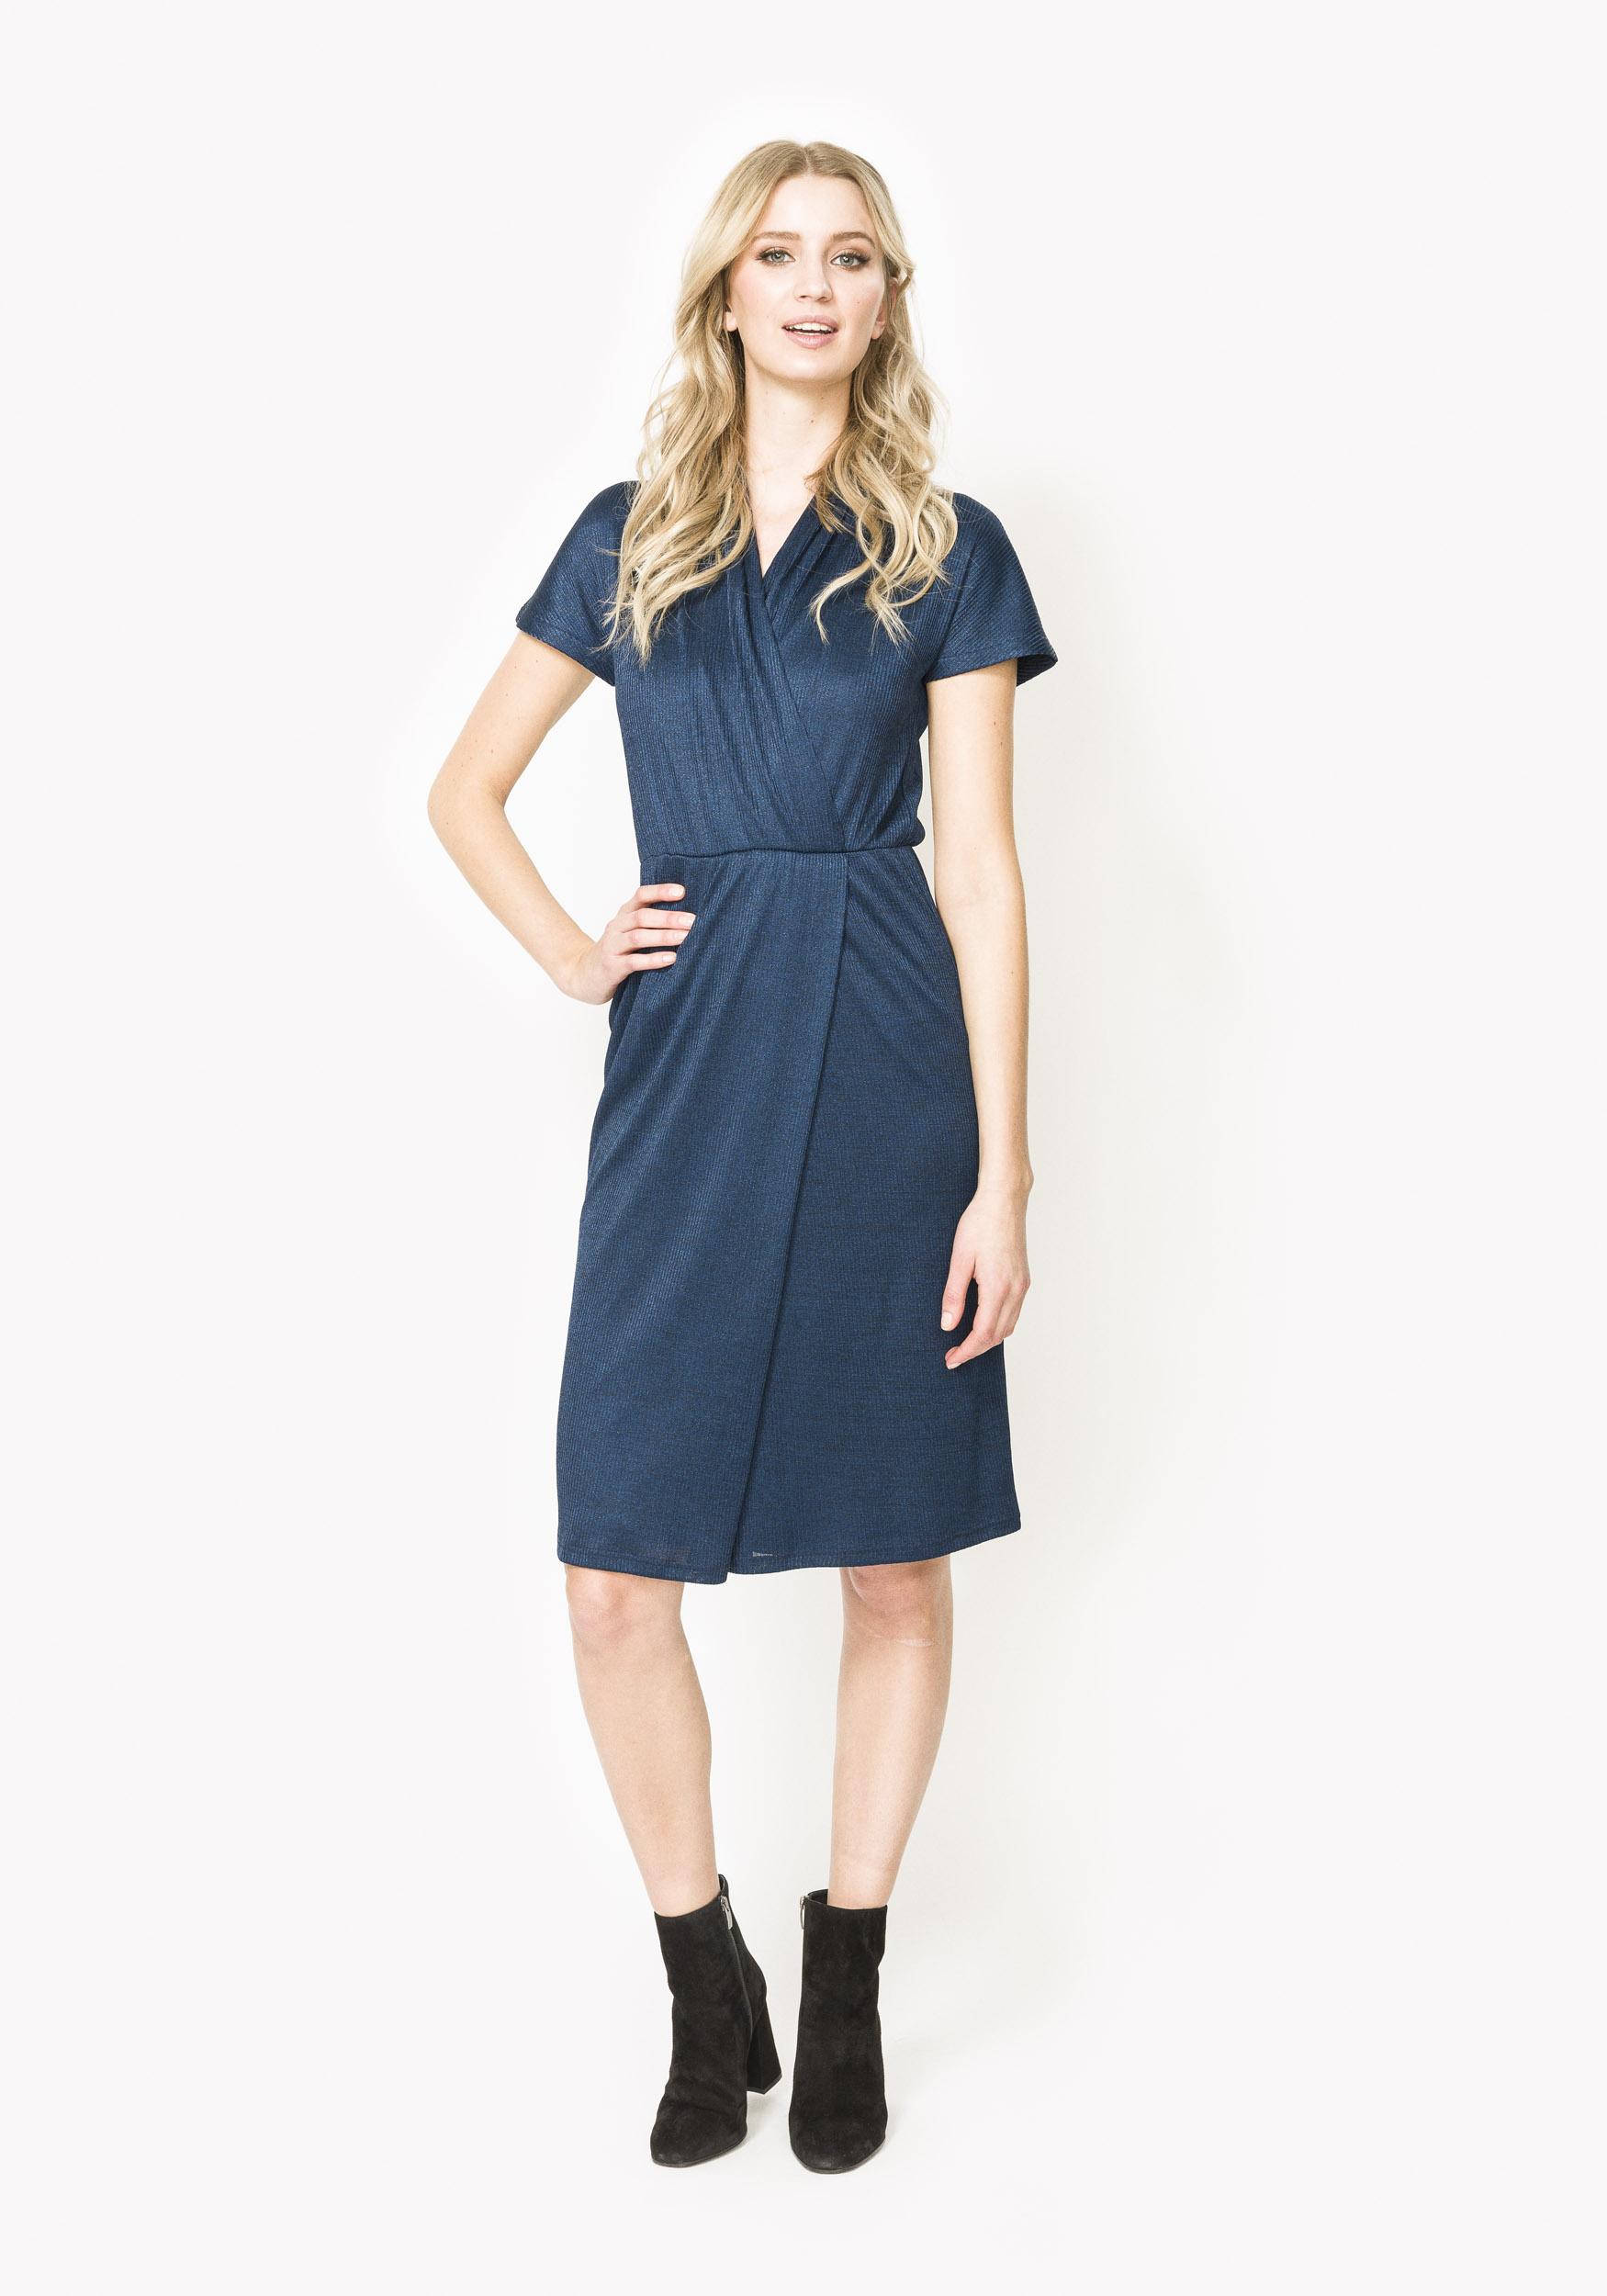 368acf5257feed Mila dress - Jurkjes online kopen bij MyDressCode